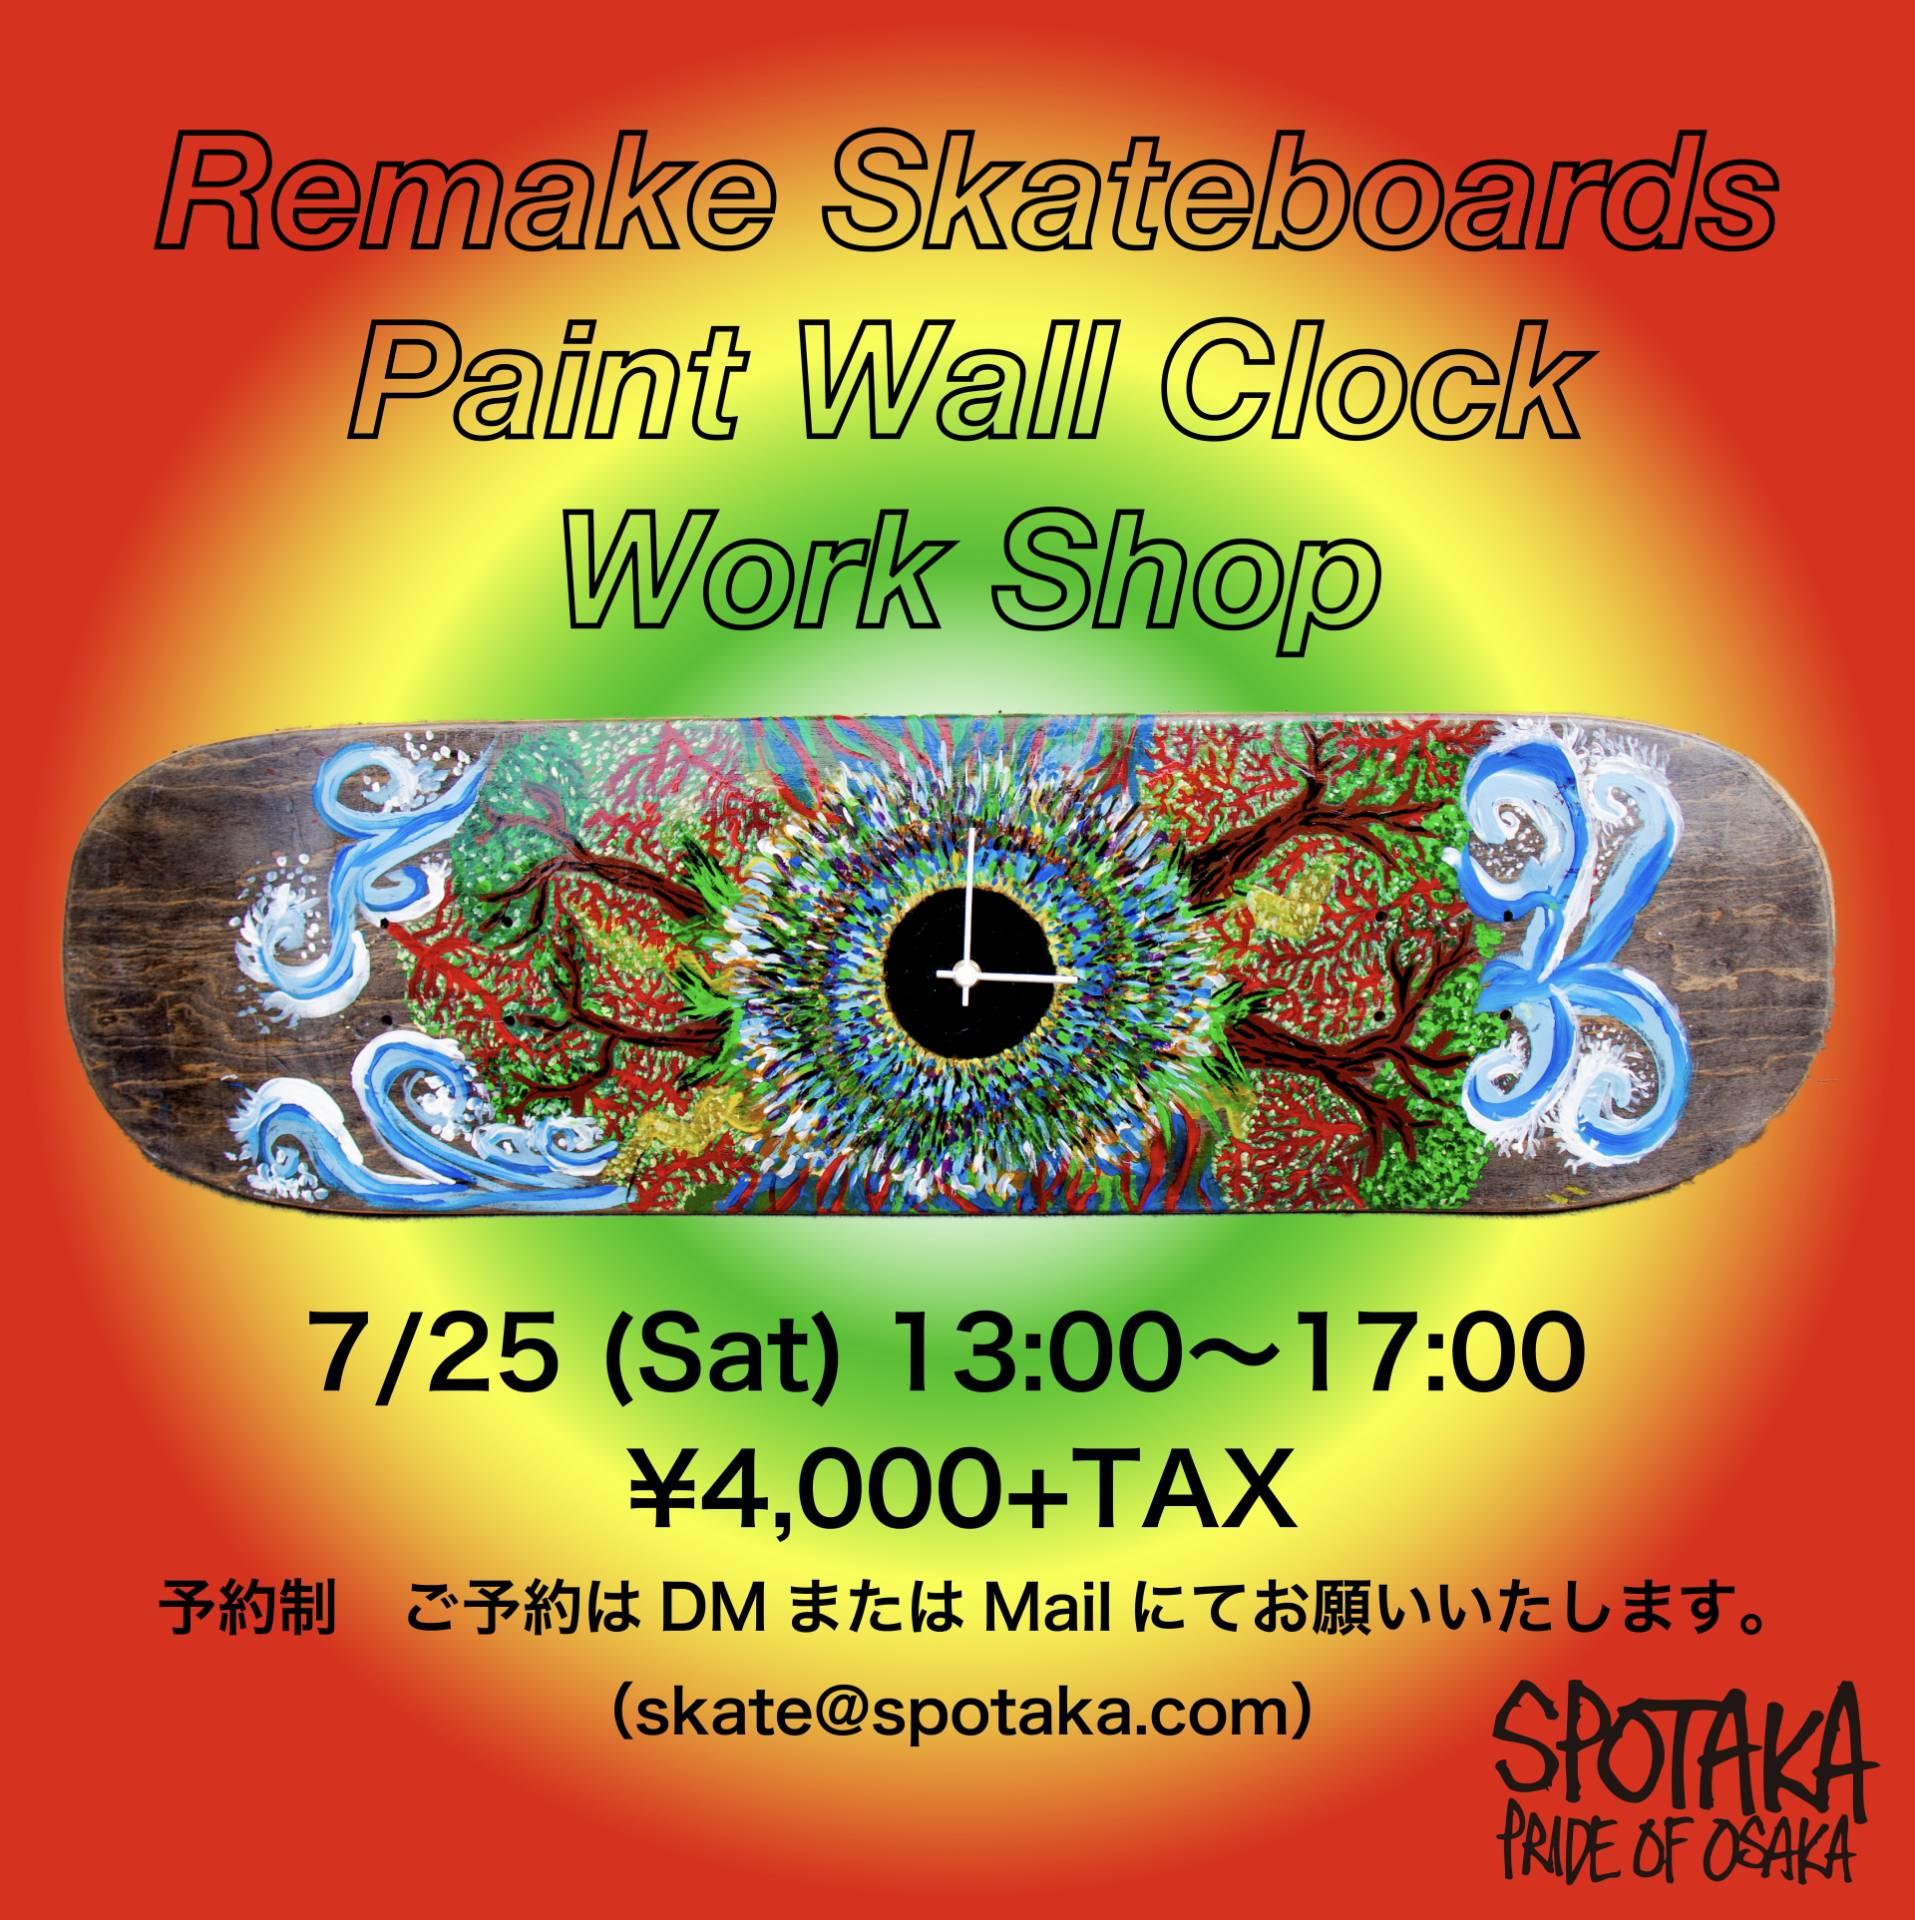 夏の4連休!7/25(sat)スケートボードの廃材をリメイクして時計を作るワークショップを開催★